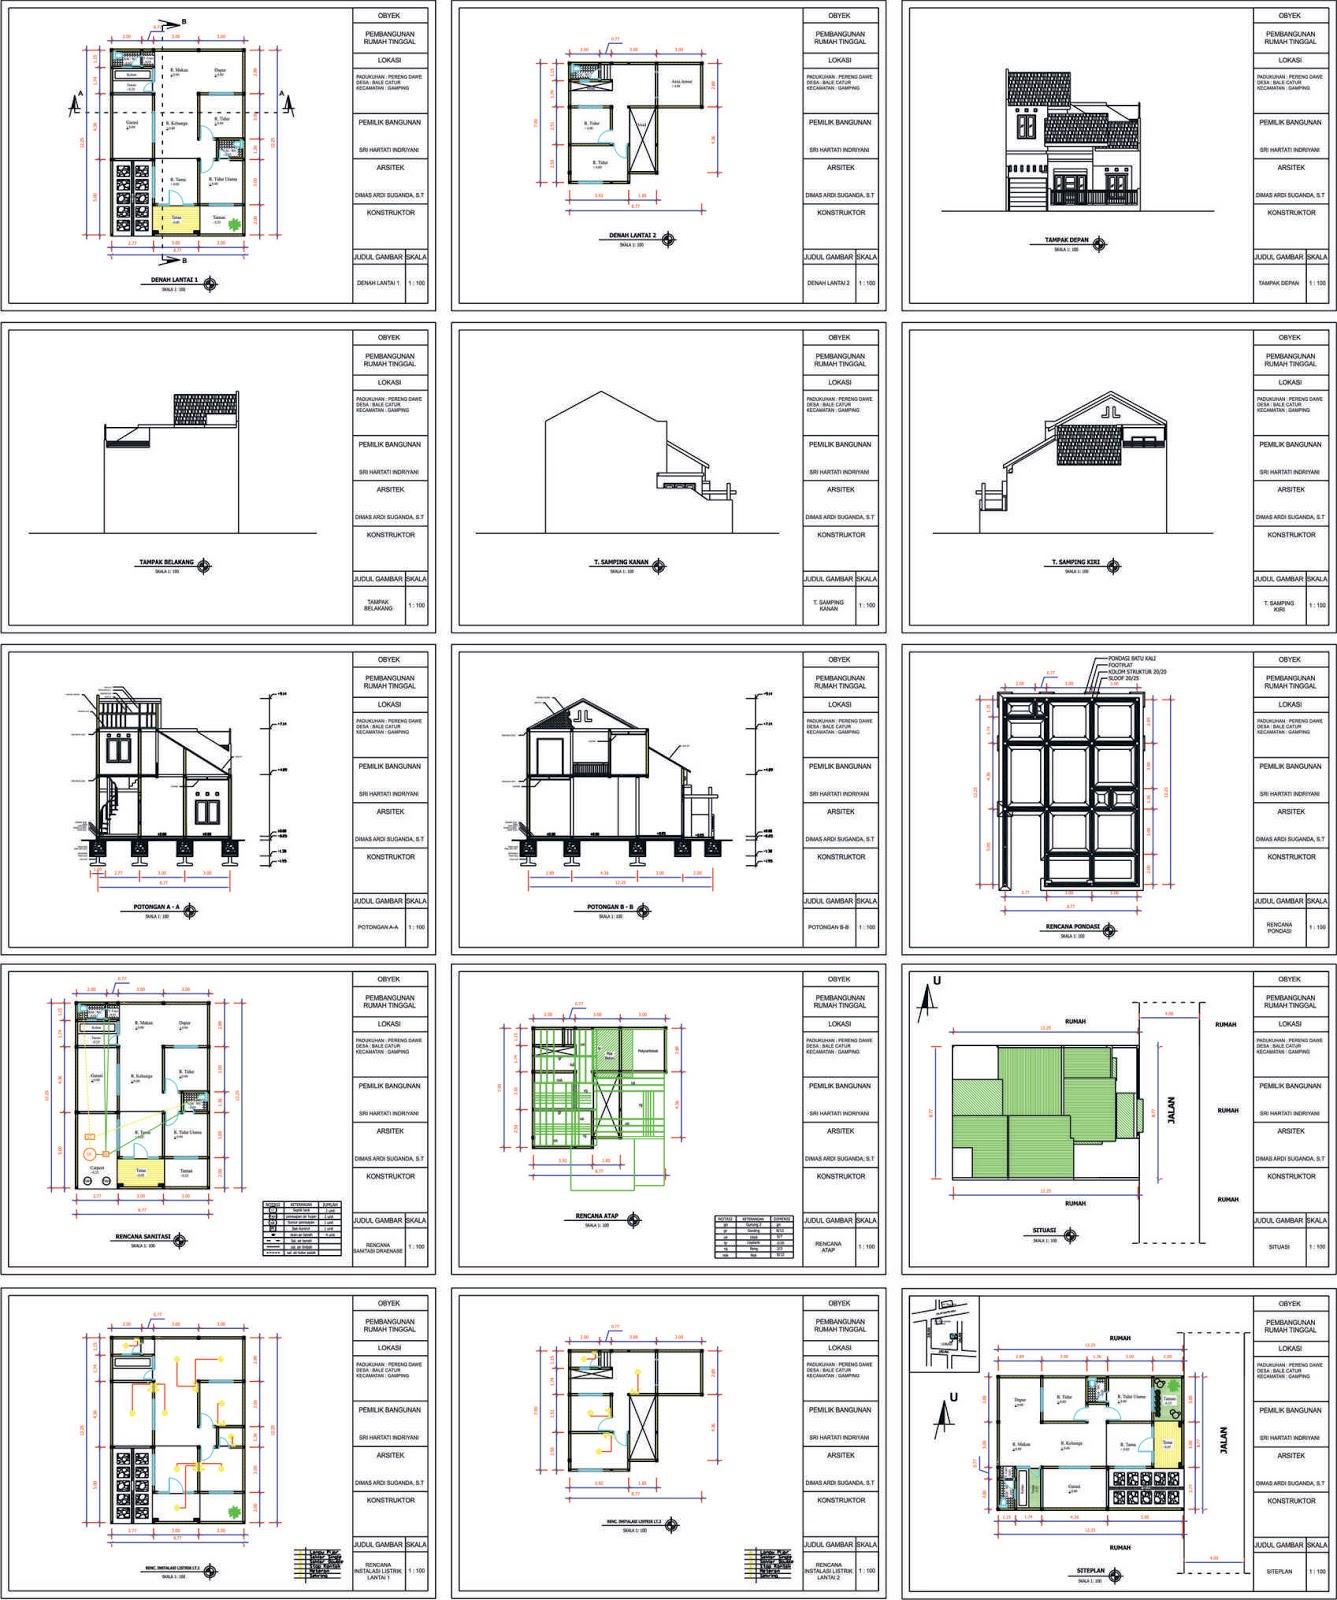 930 Gambar Imb Rumah 2 Lantai Gratis Terbaru